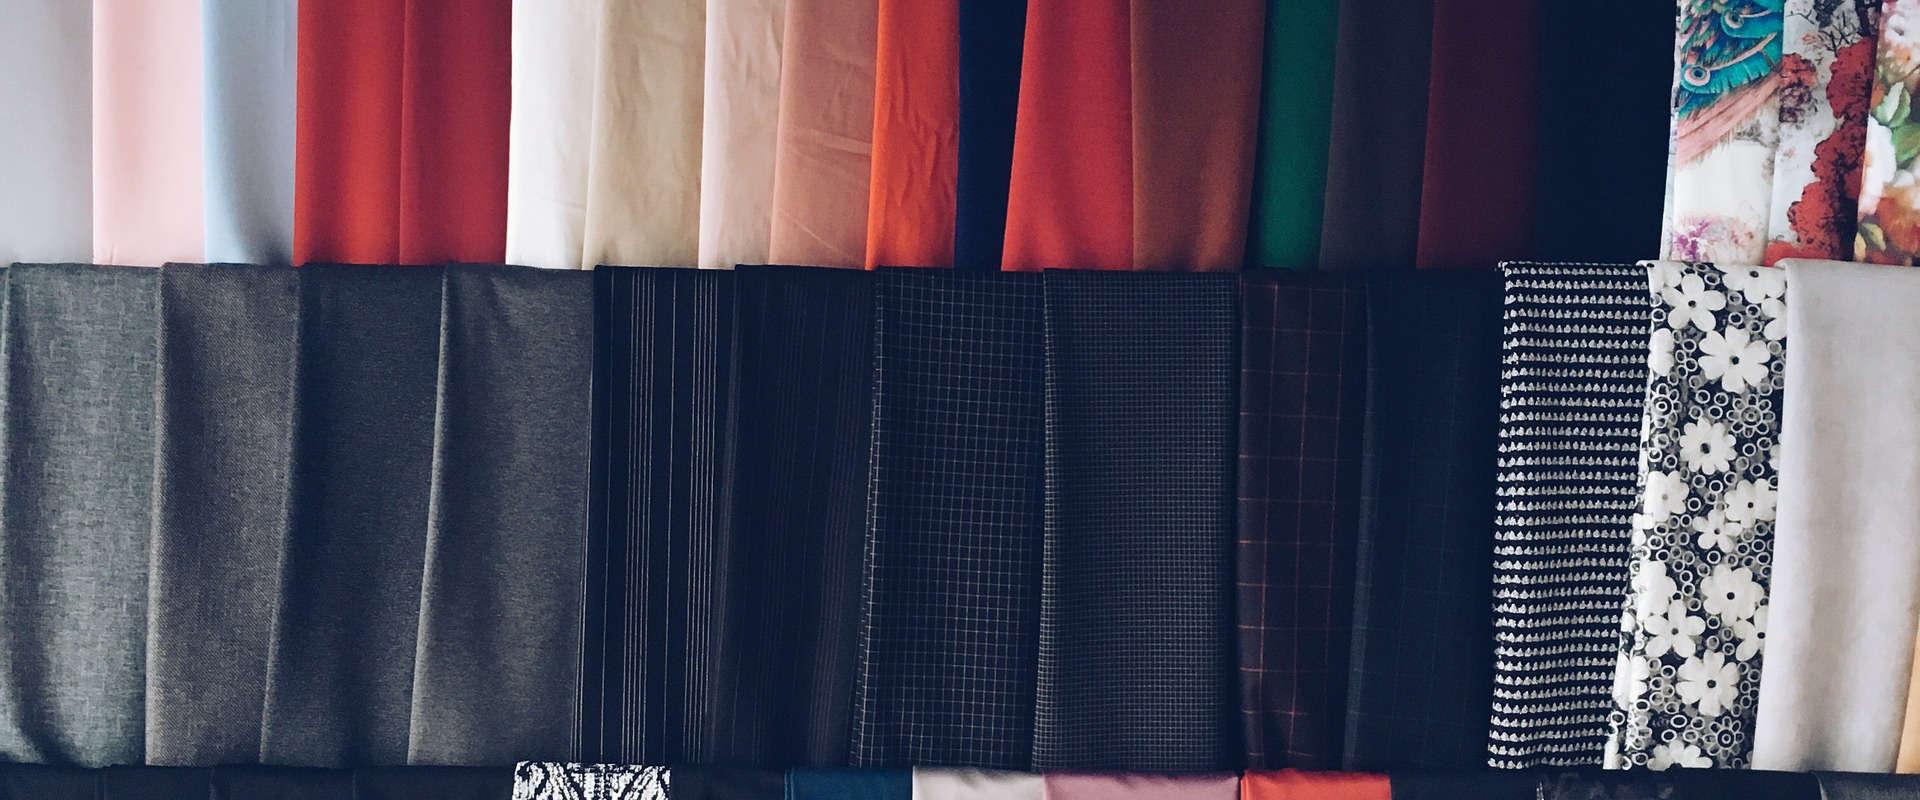 Achat de tissus au meilleur prix